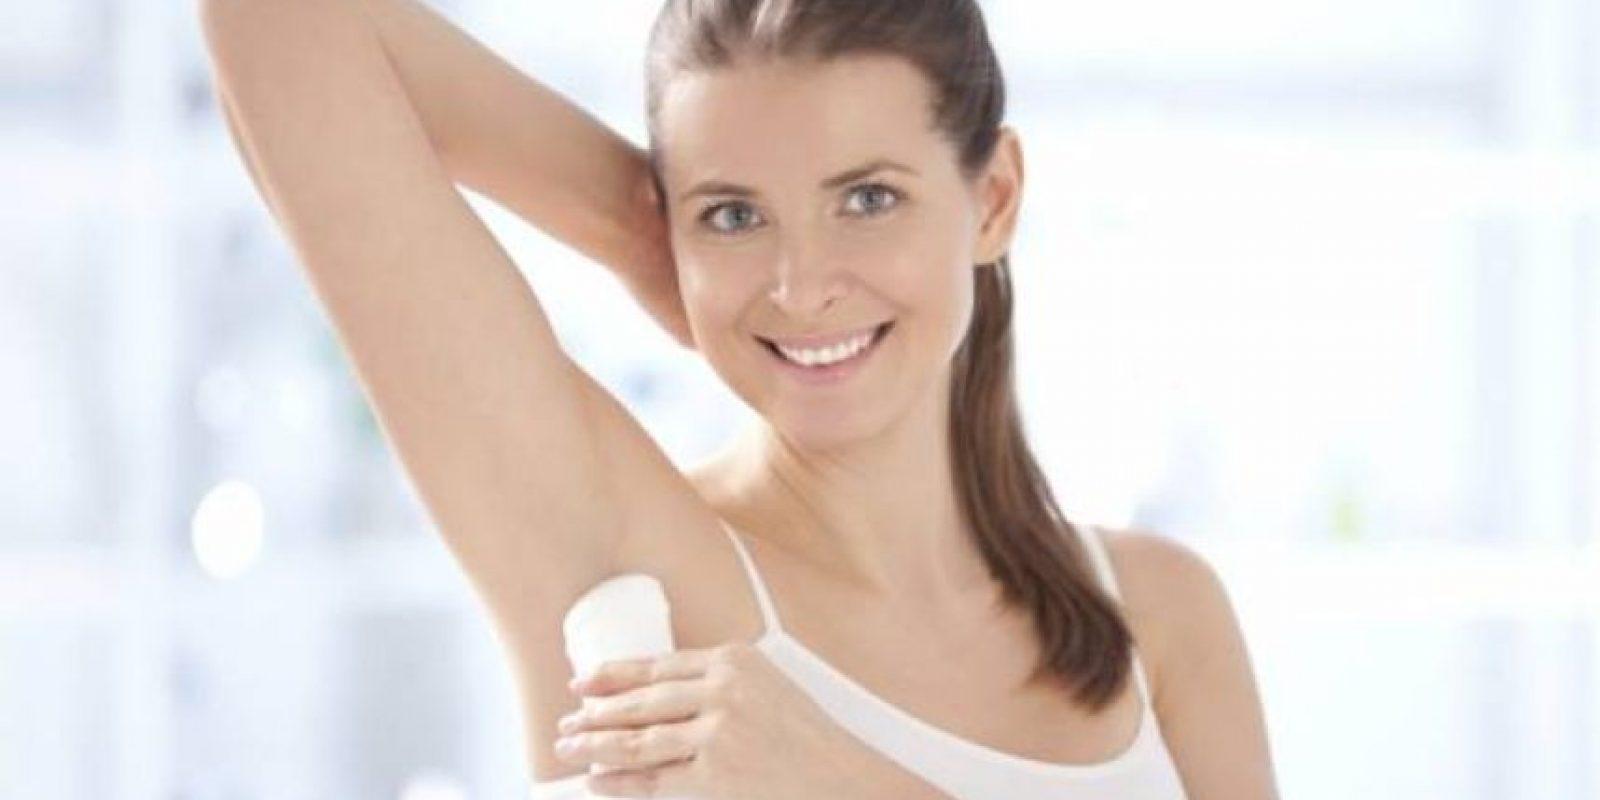 Se recomienda utilizar desodorantes con más cloruro de aluminio y rasurarse con la piel húmeda. Foto:Fuente externa